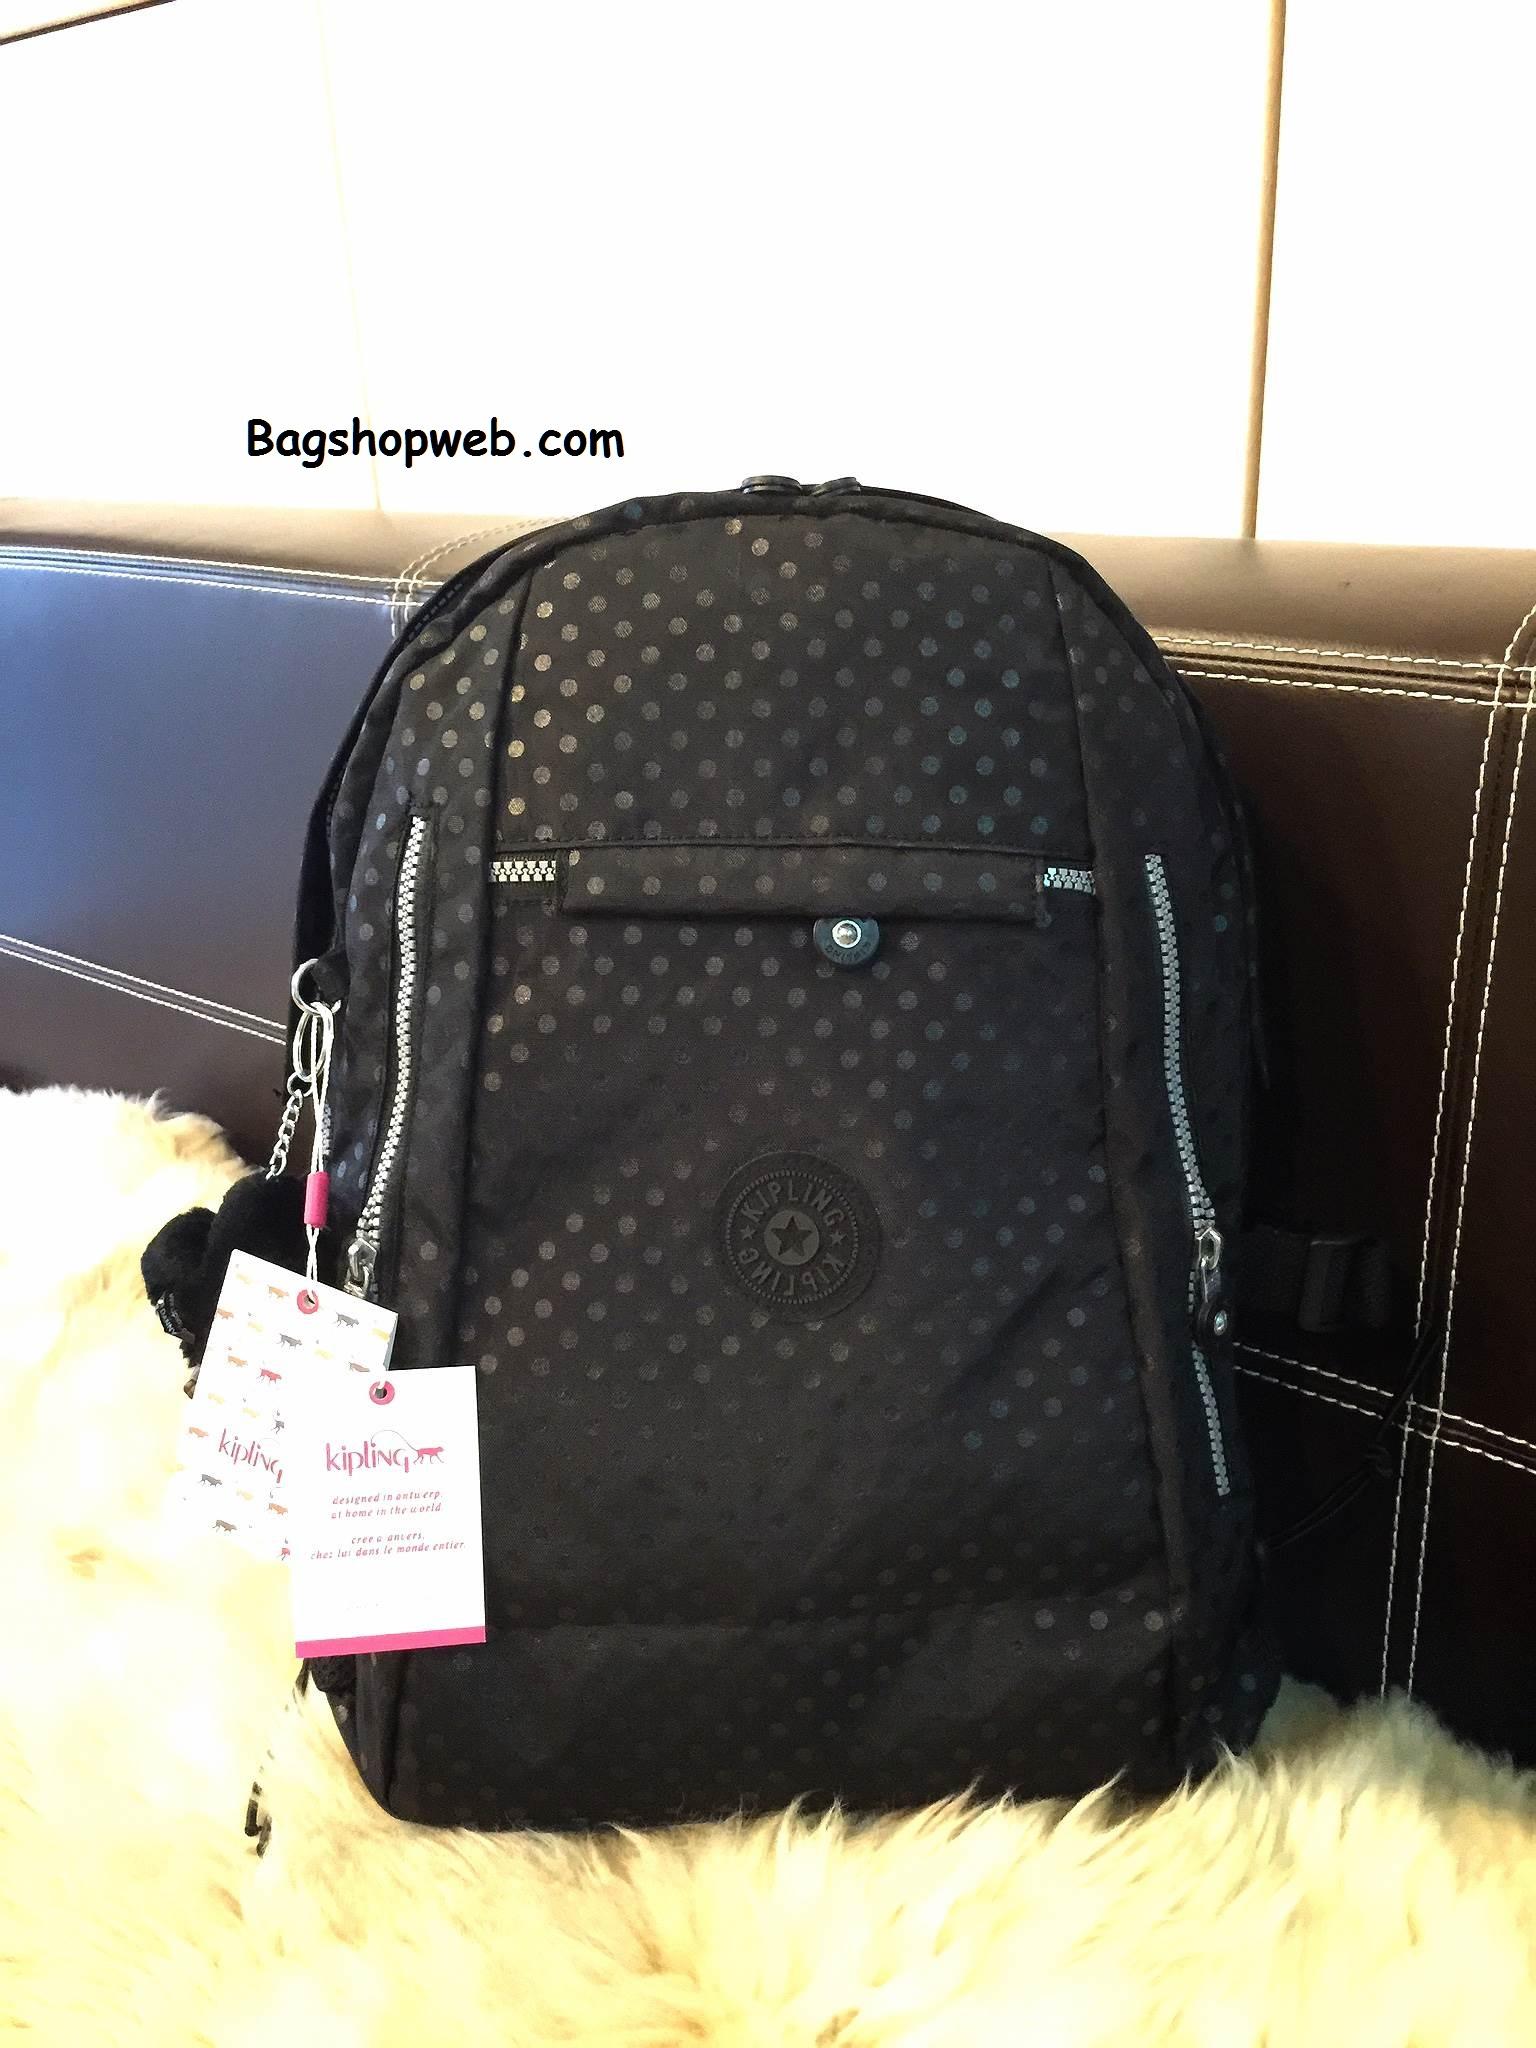 กระเป๋า KIPLING NYLON CITY BACKPACK สีดำลายจุด